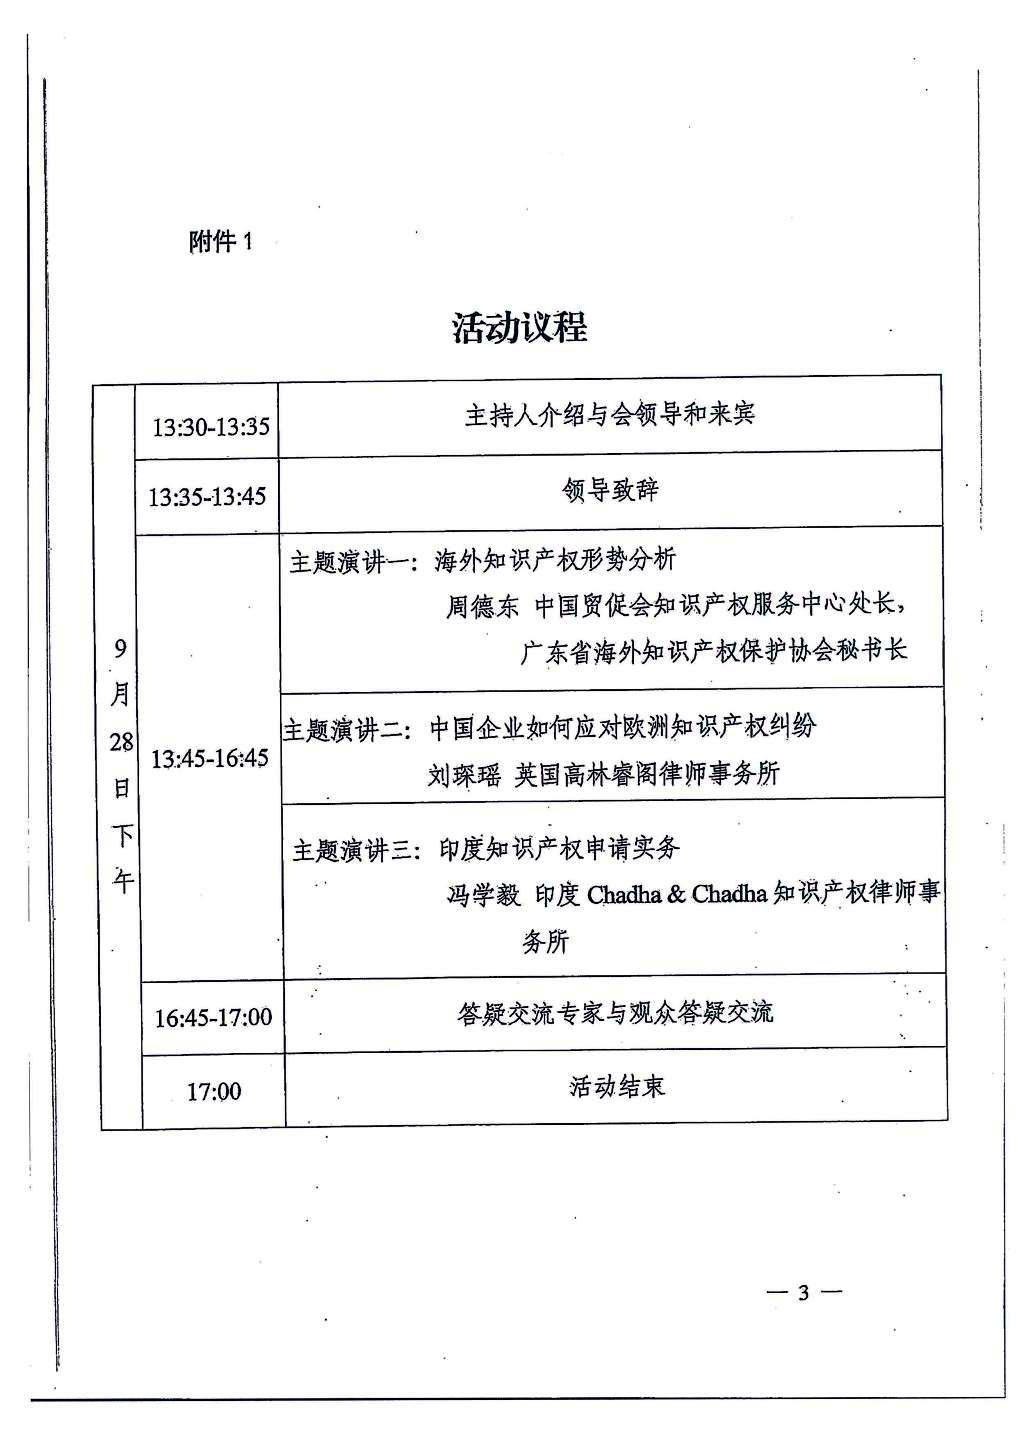 关于转发广东省知识产权保护中心邀请创新主体参加国际知识产权保护线上巡回演讲活动的通知(图3)